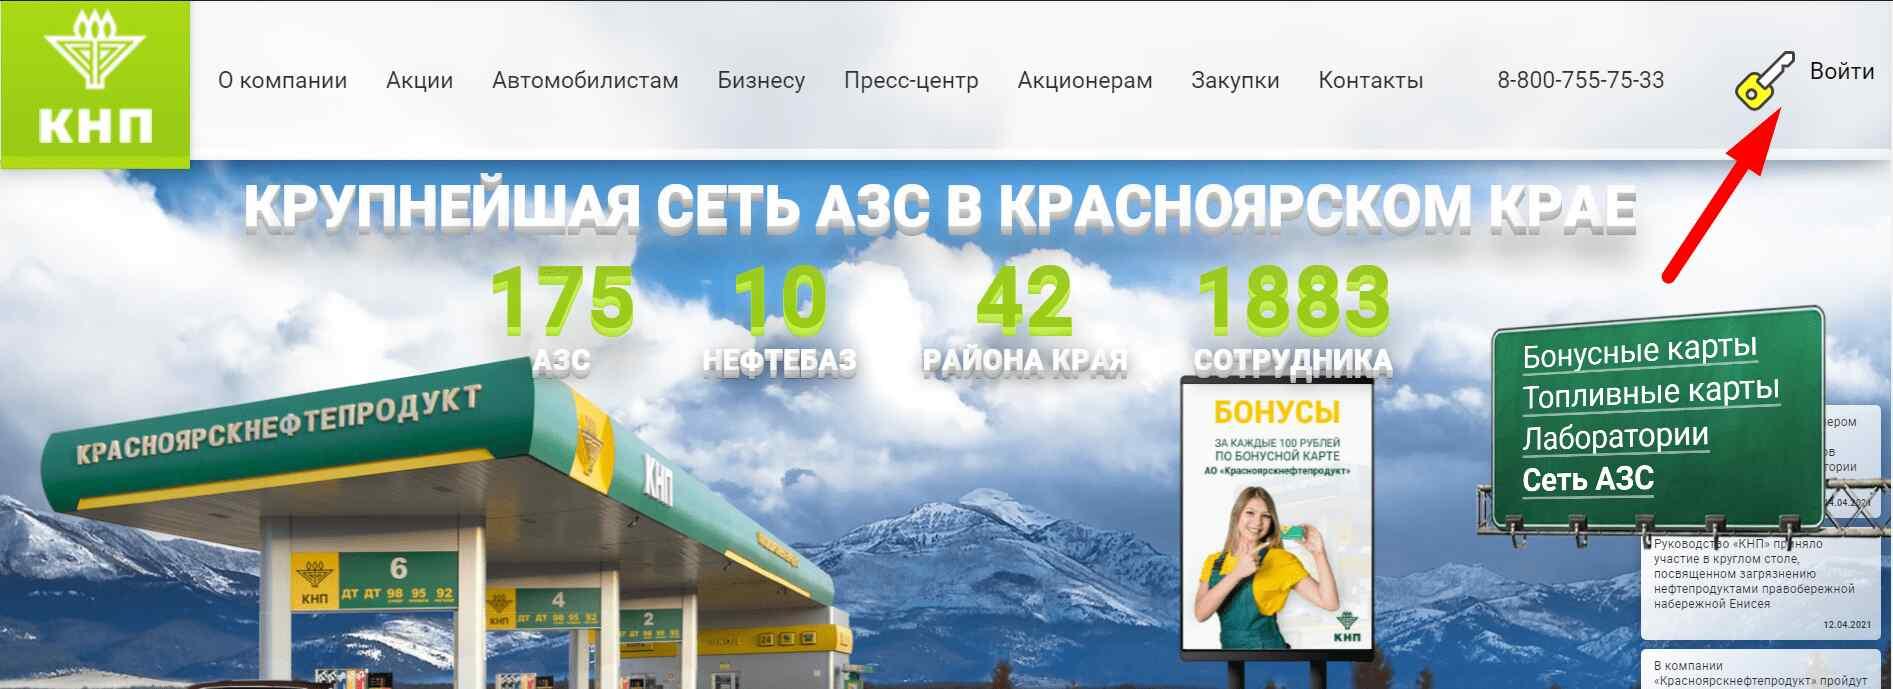 Официальный сайт компании АО «Красноярскнефтепродукт»